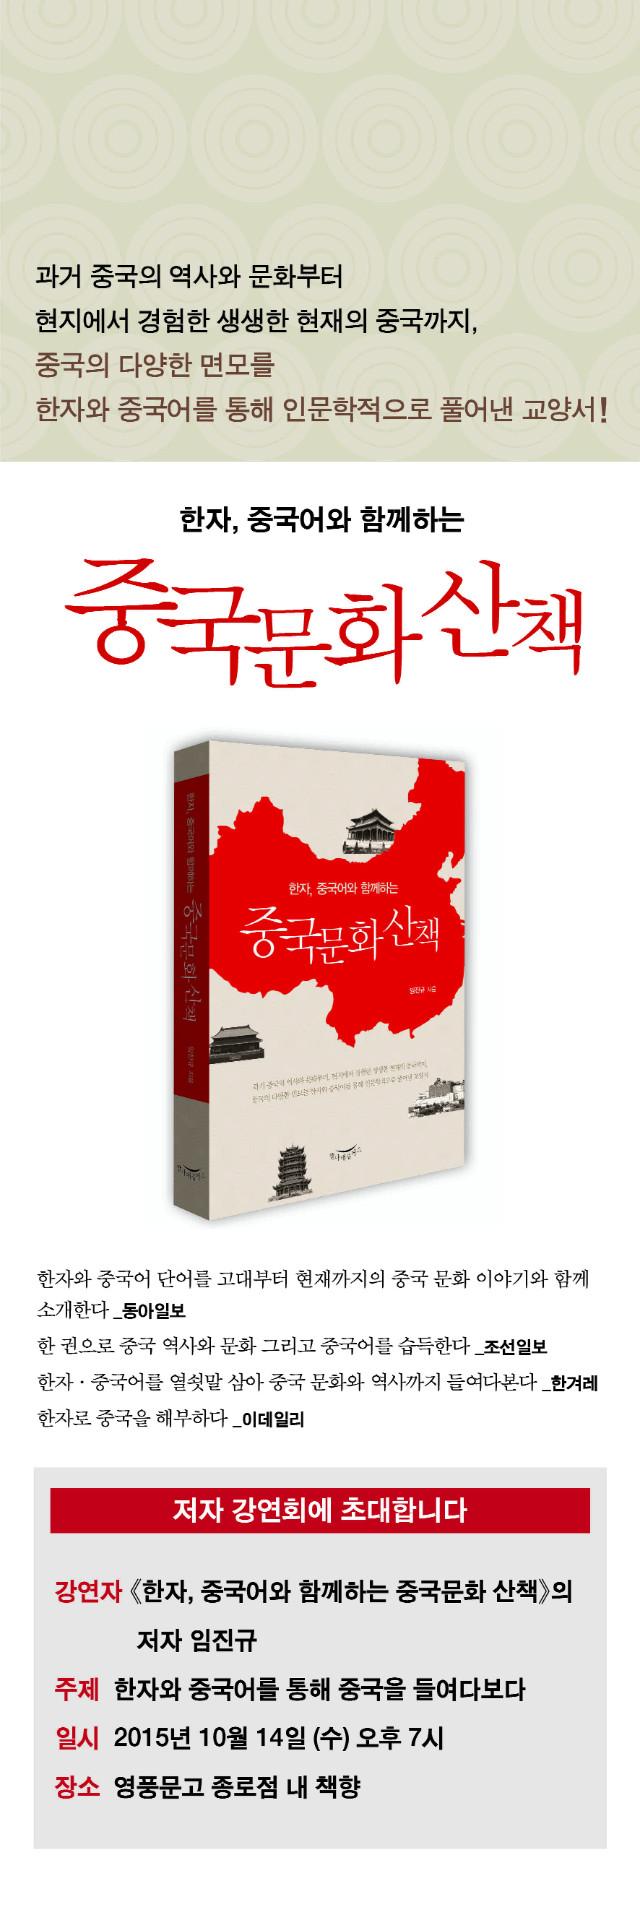 임진규 저자강연회_배너_1007-수정.jpg